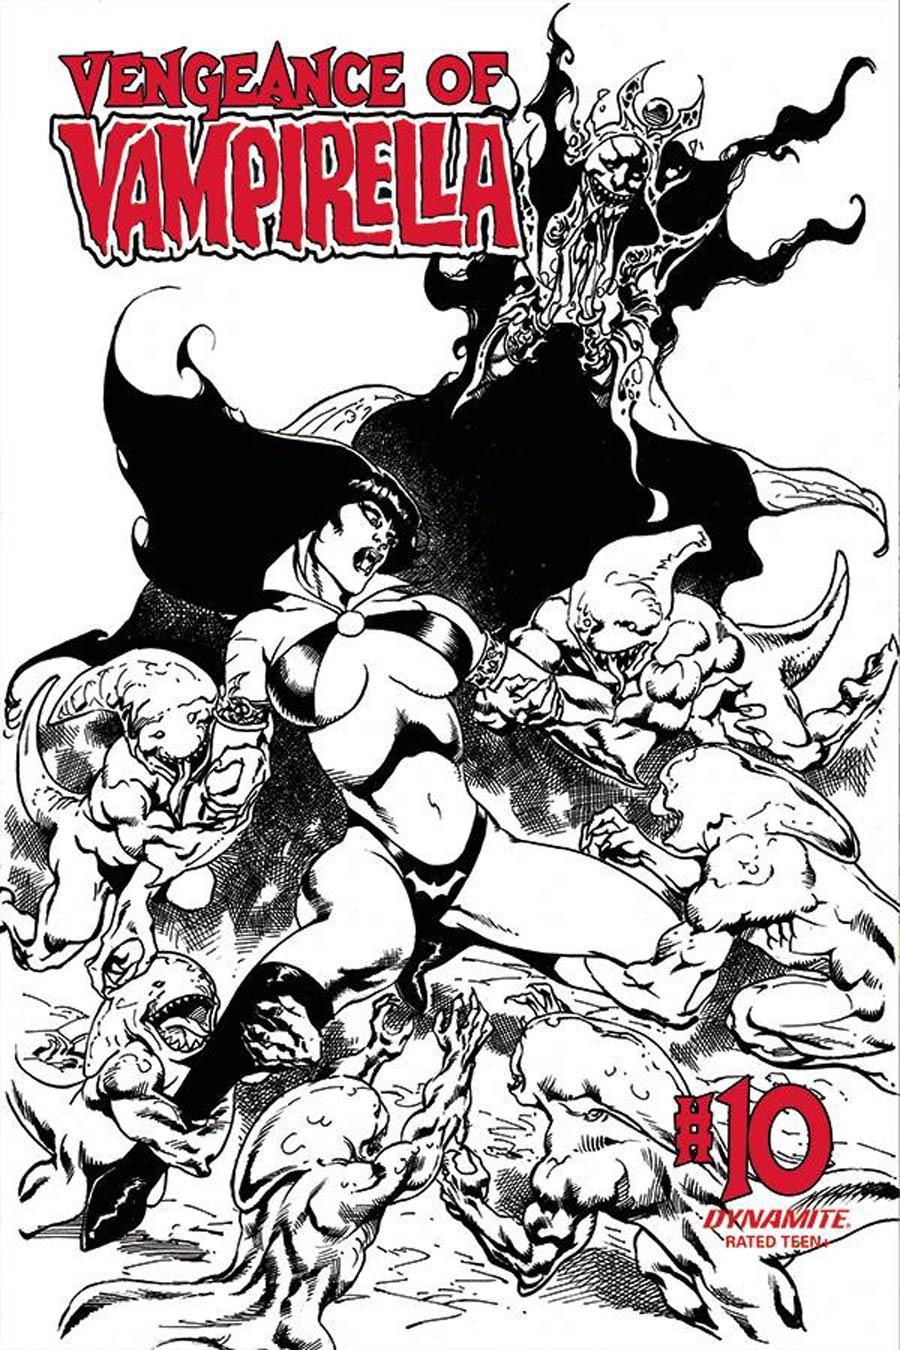 Vengeance Of Vampirella Vol 2 #10 Cover G Incentive Roberto Castro Black & White Cover